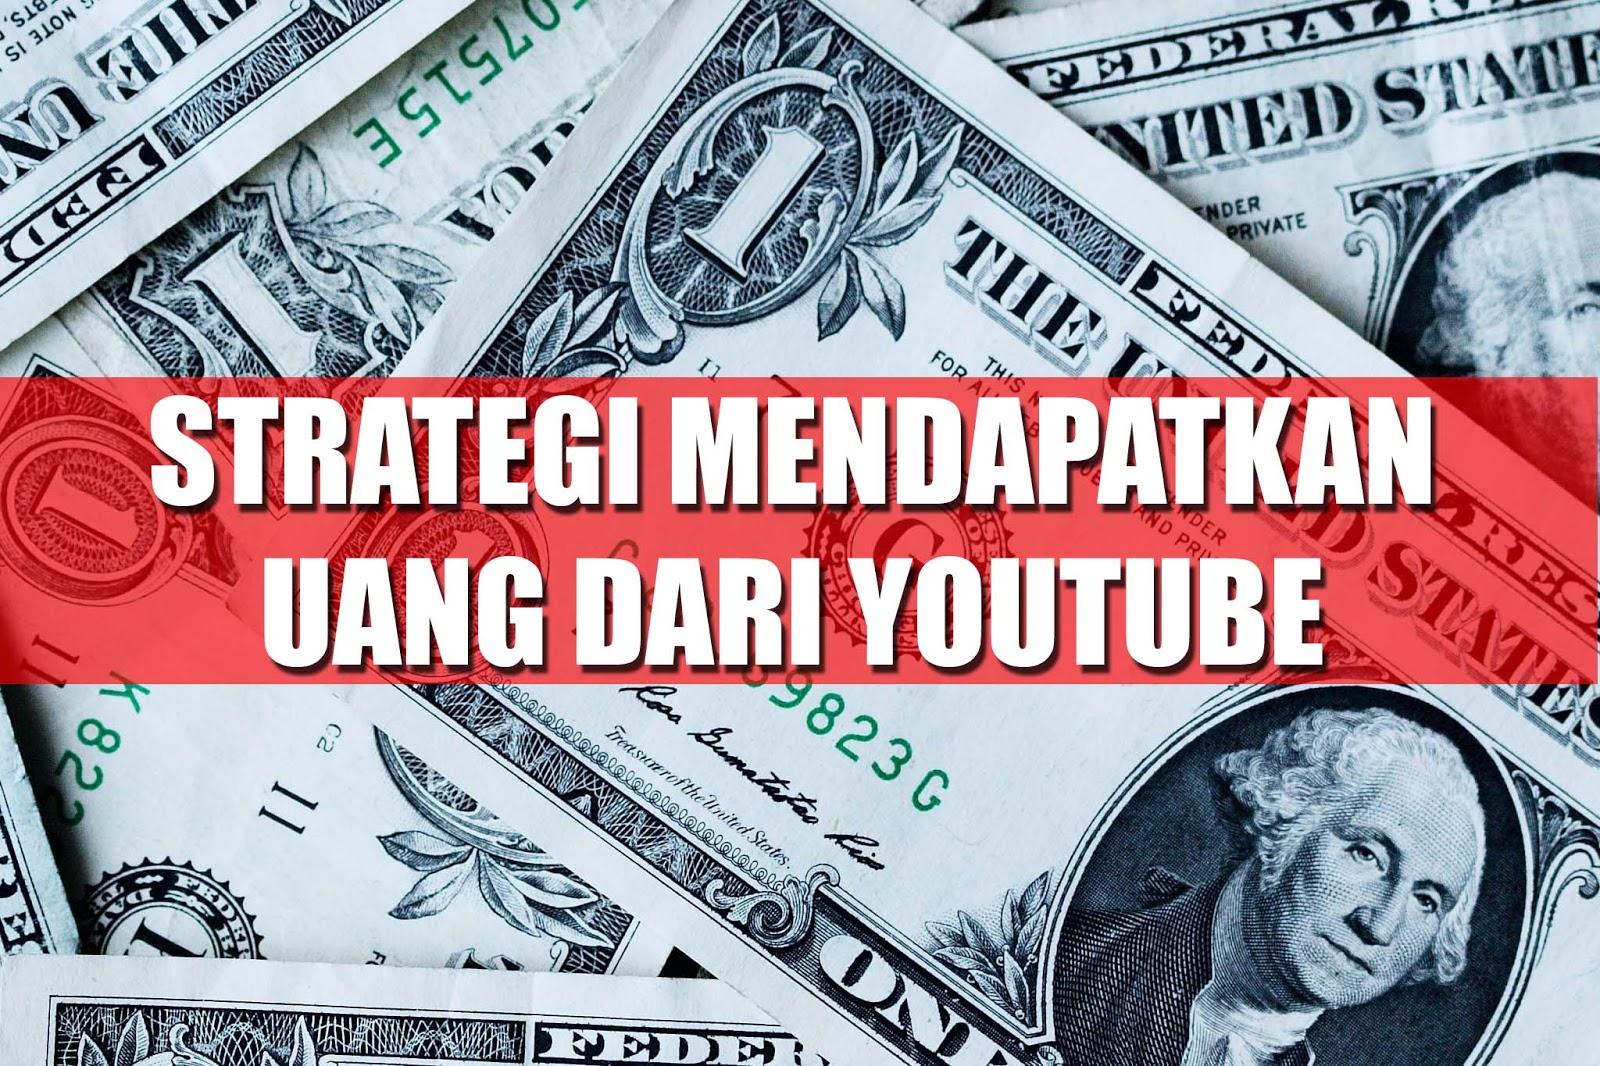 Strategi mendapatkan uang dari youtube dengan mudah